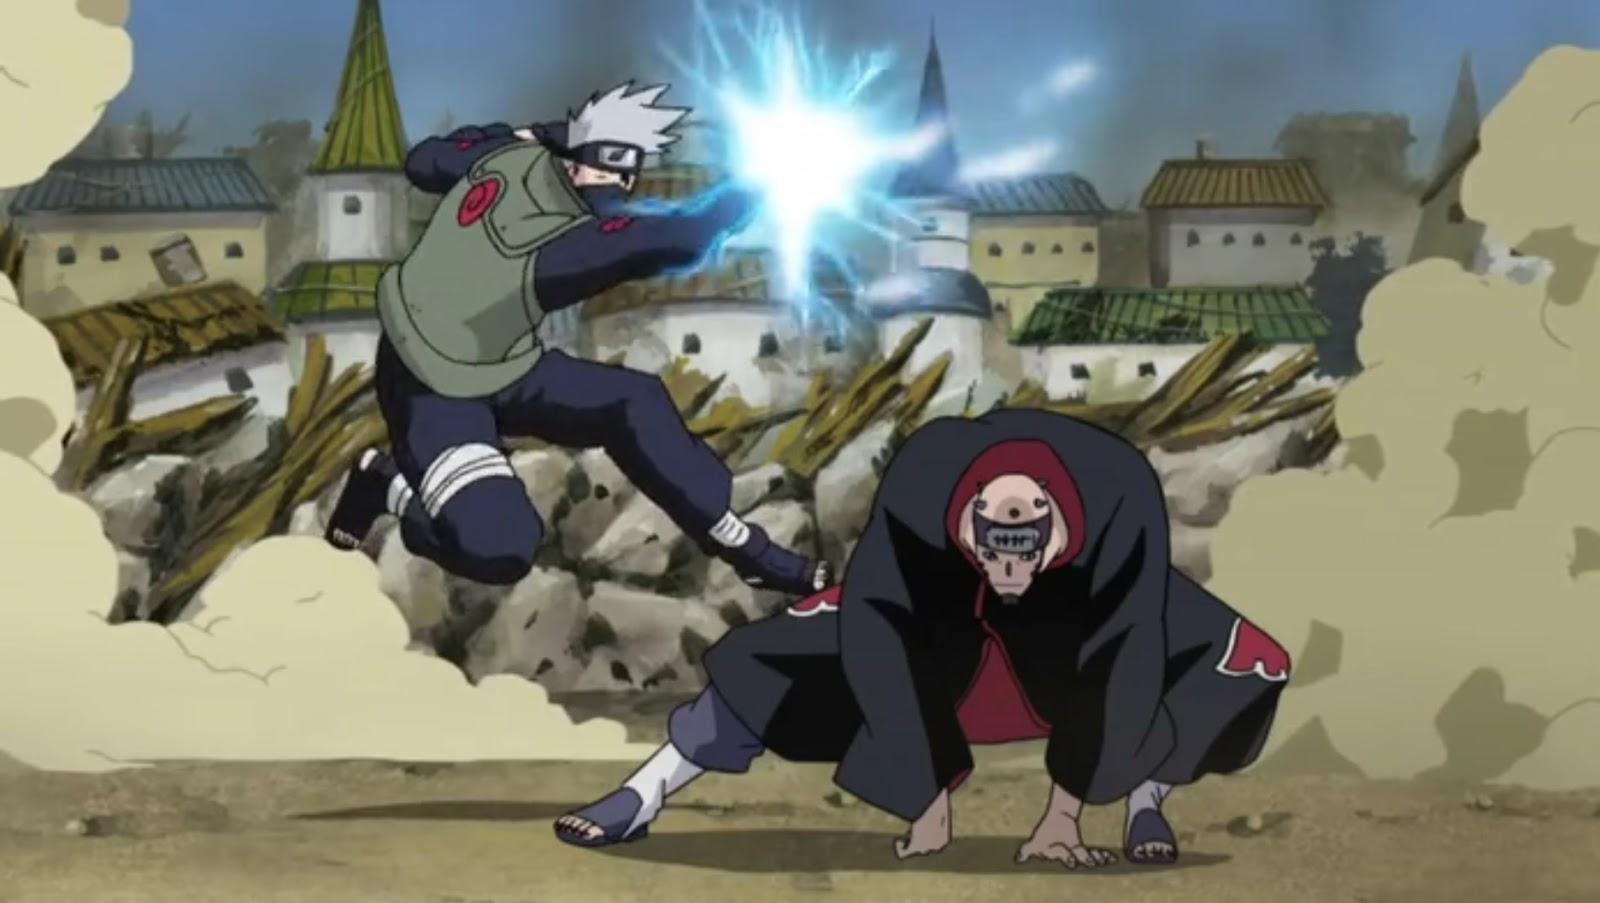 Naruto Shippuden Episódio 159, Assistir Naruto Shippuden Episódio 159, Assistir Naruto Shippuden Todos os Episódios Legendado, Naruto Shippuden episódio 159,HD